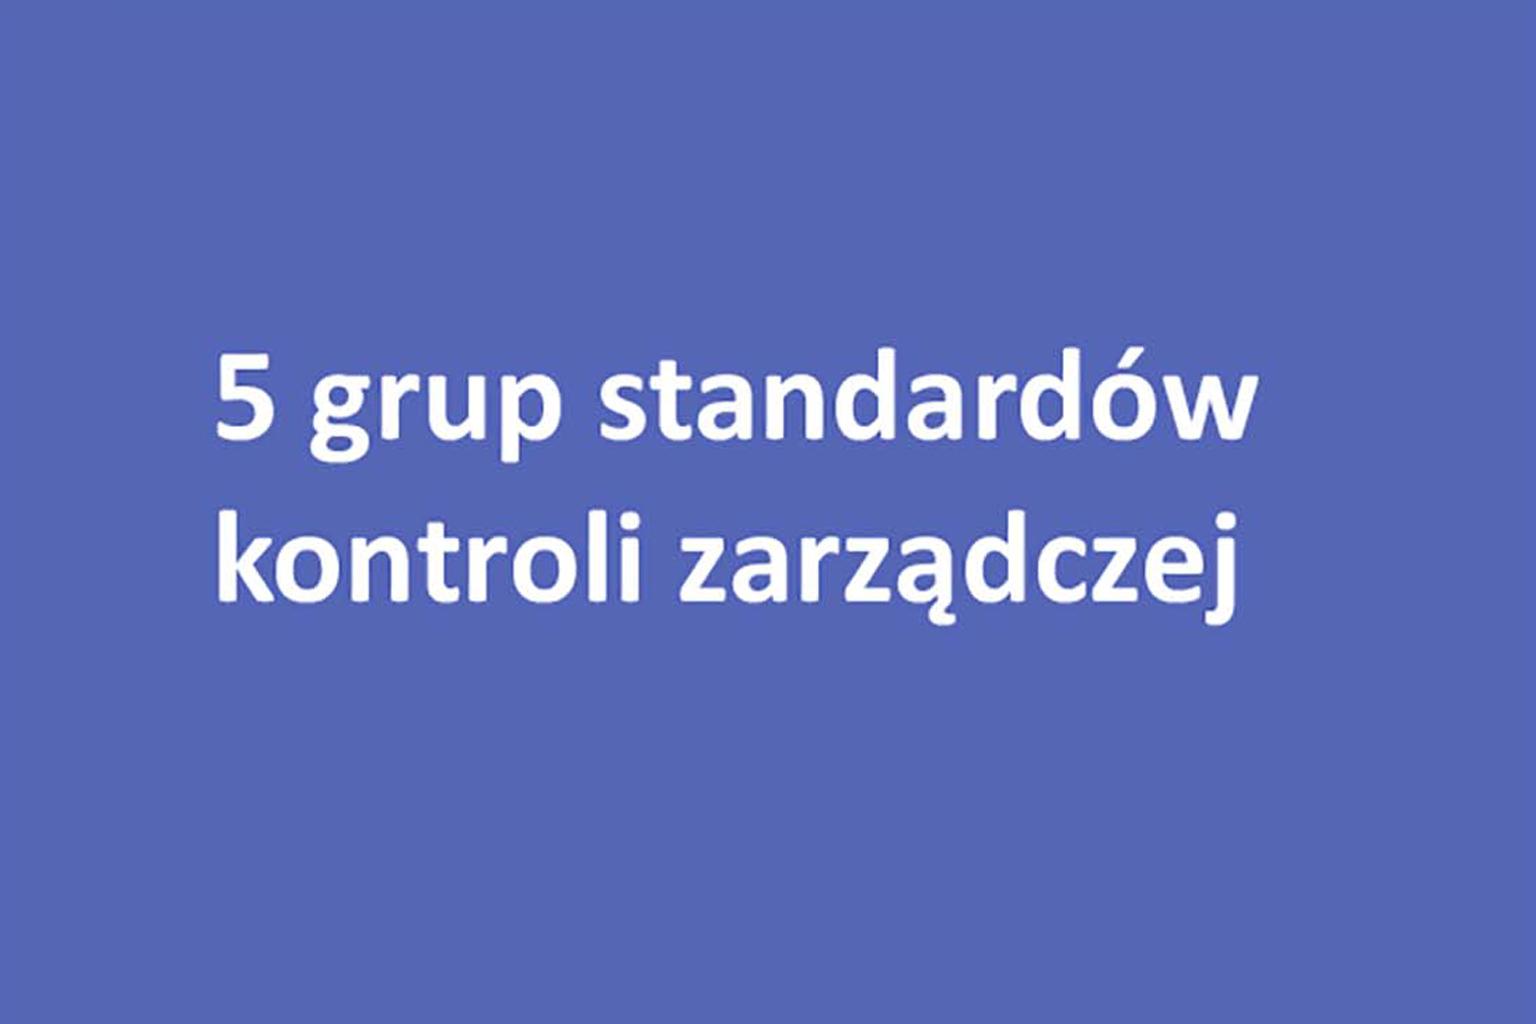 Standardy uszeregowano w 5 grupach odpowiadających poszczególnym elementom kontroli zarządczej